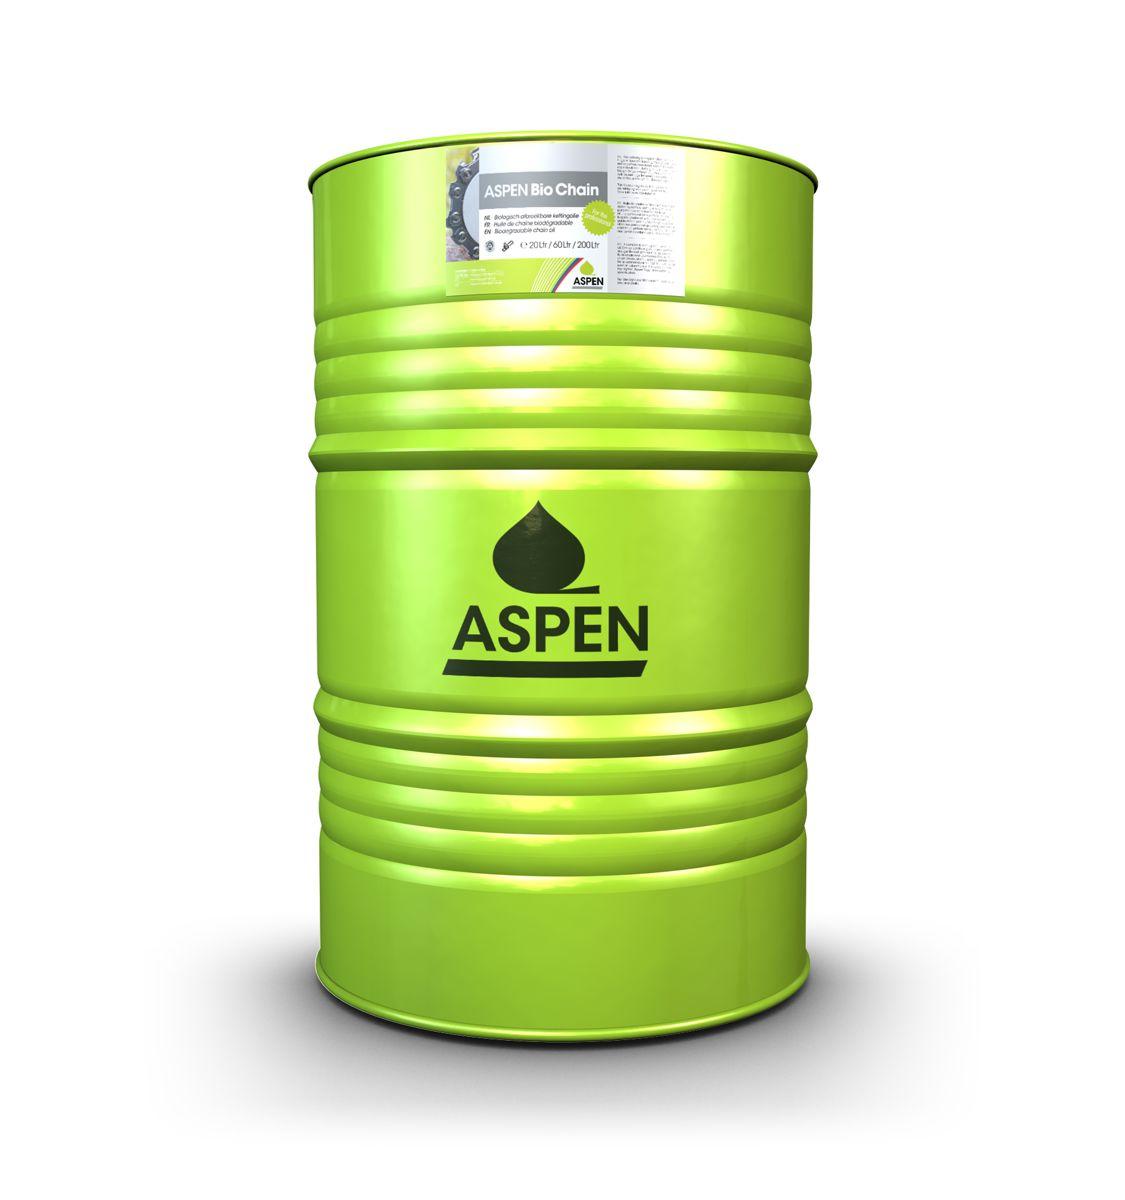 Aspen bio kettingolie vat van 200 liter